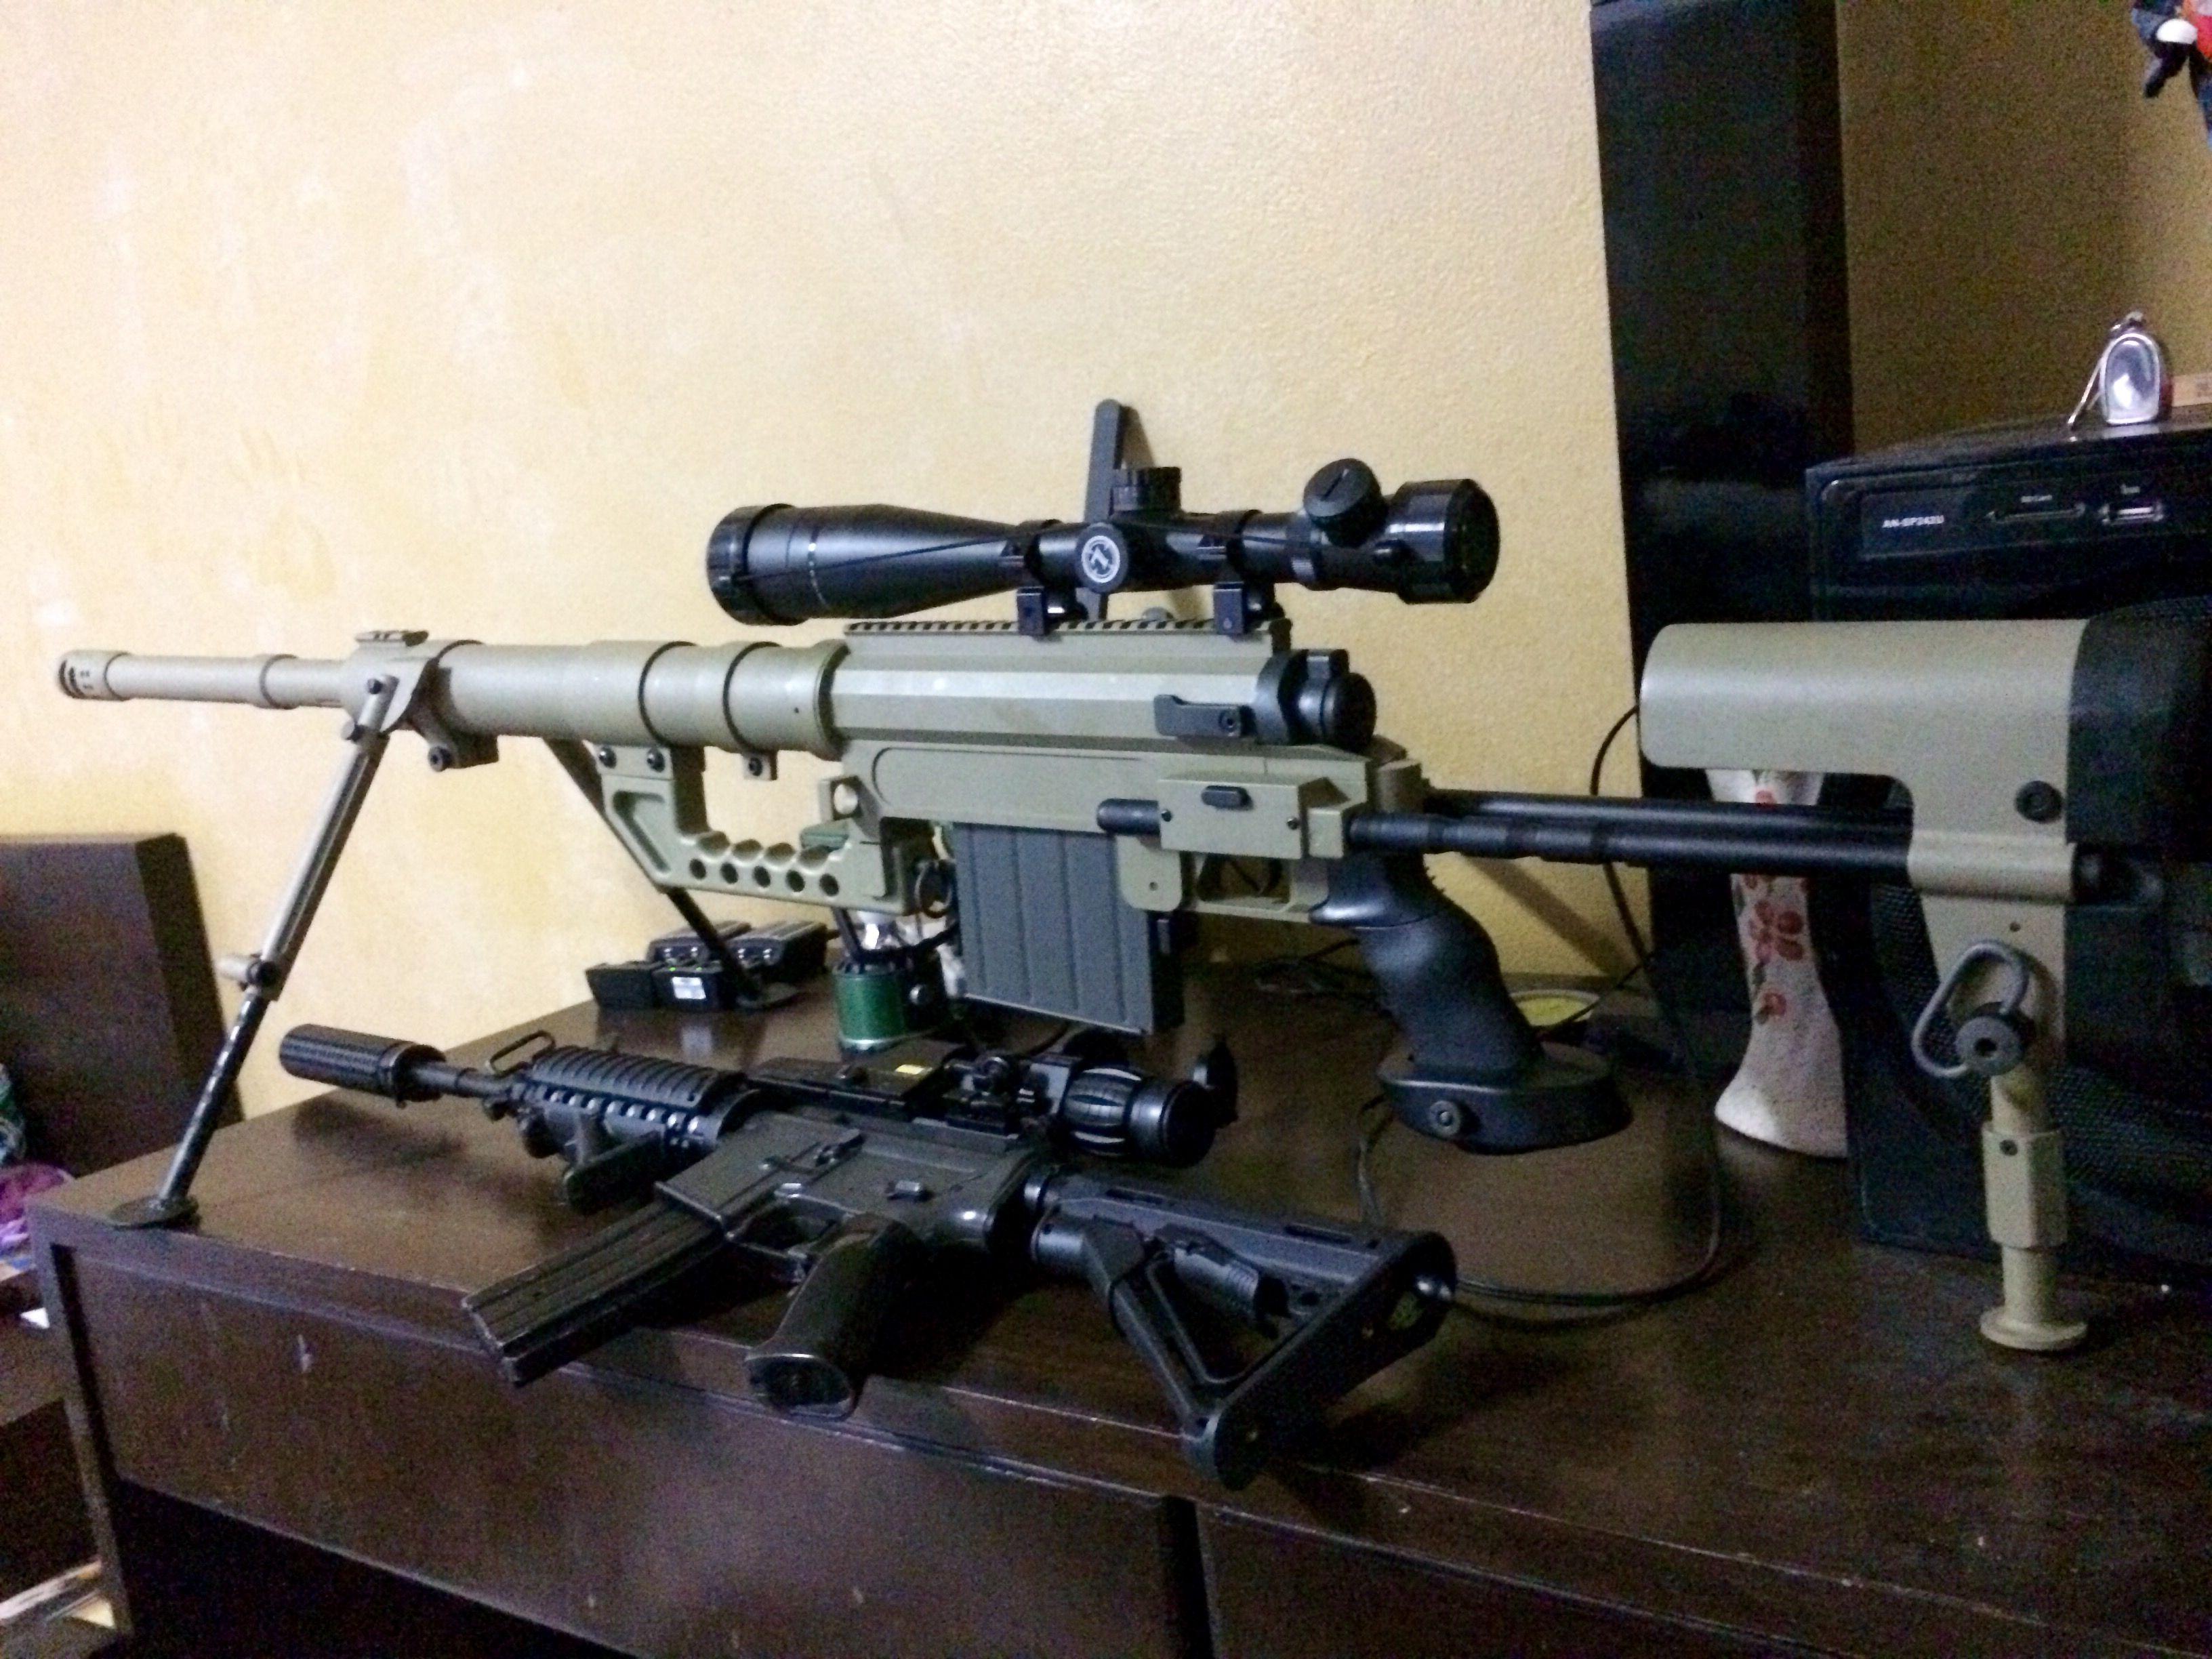 Pin de Tana Tajit em อาวุธปืน imagens) Armas